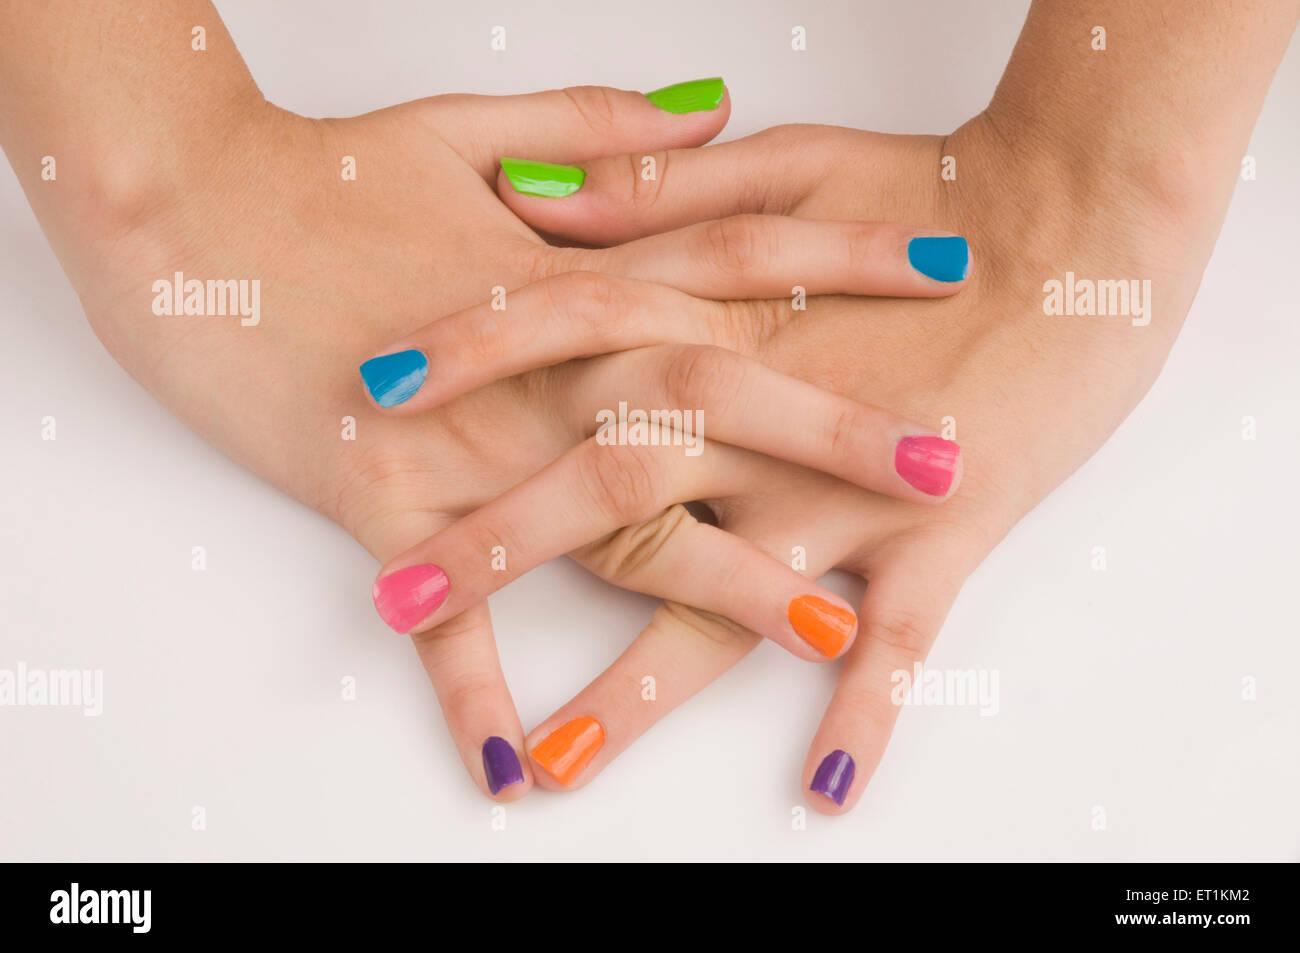 Crossed Fingers Of Nail Polish On Nails Pune Maharashtra India Asia